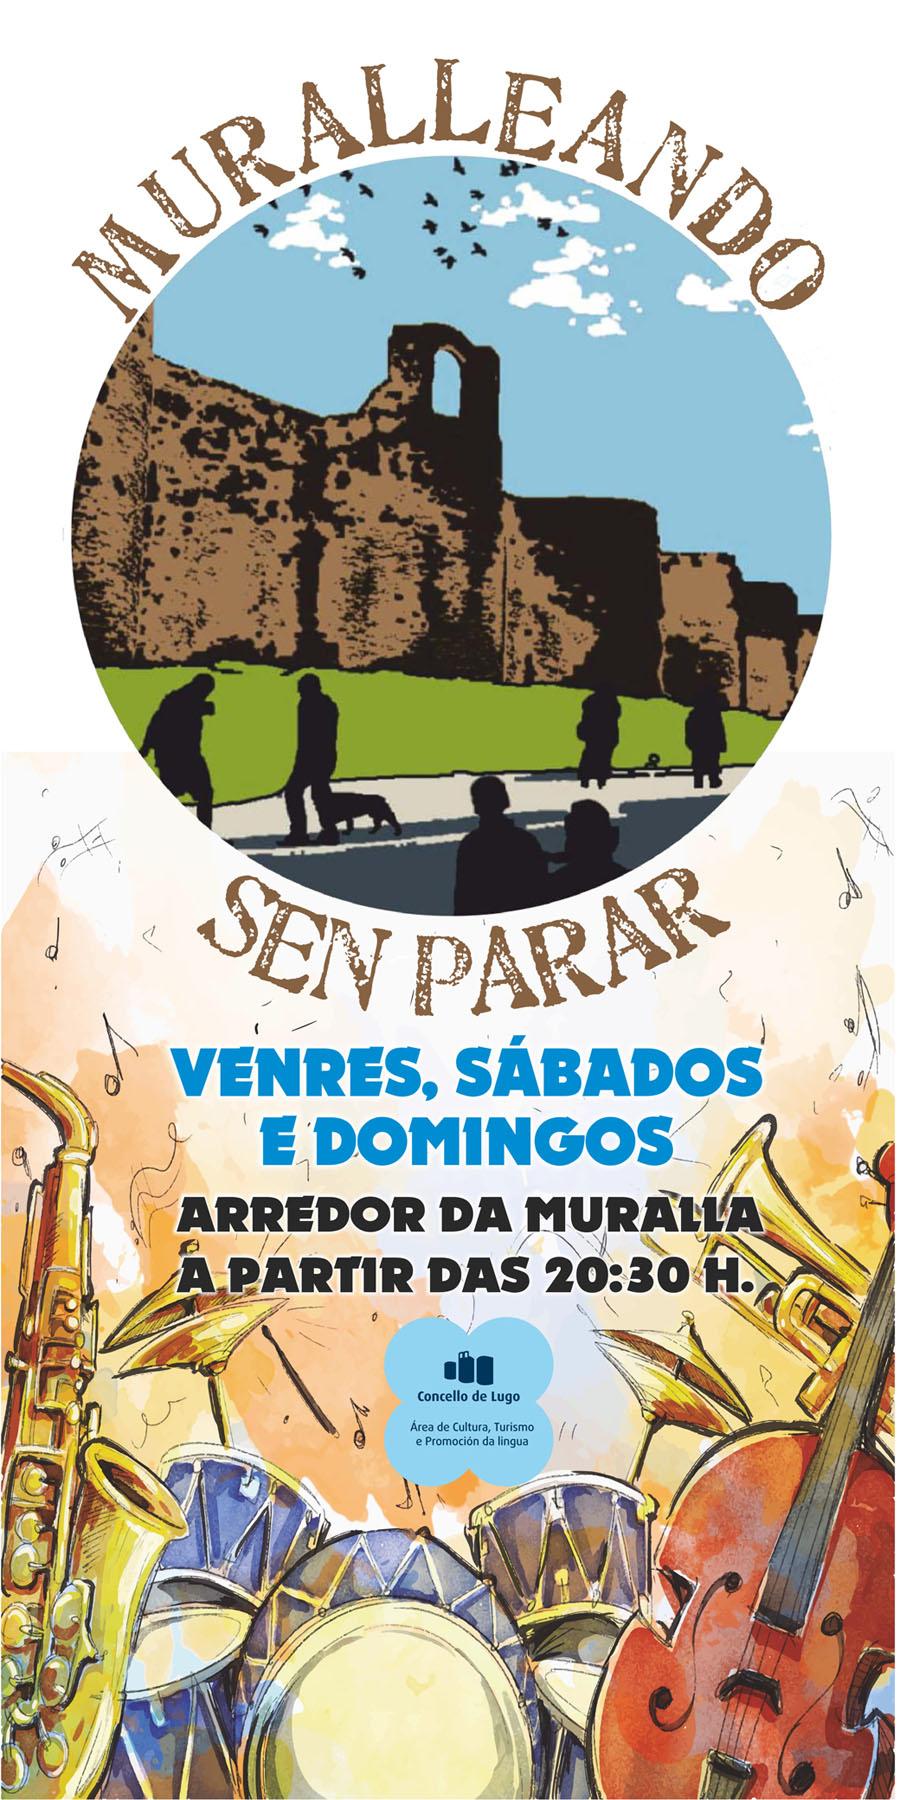 Muralleando Sen Parar - Concertos arredor da Muralla de Lugo